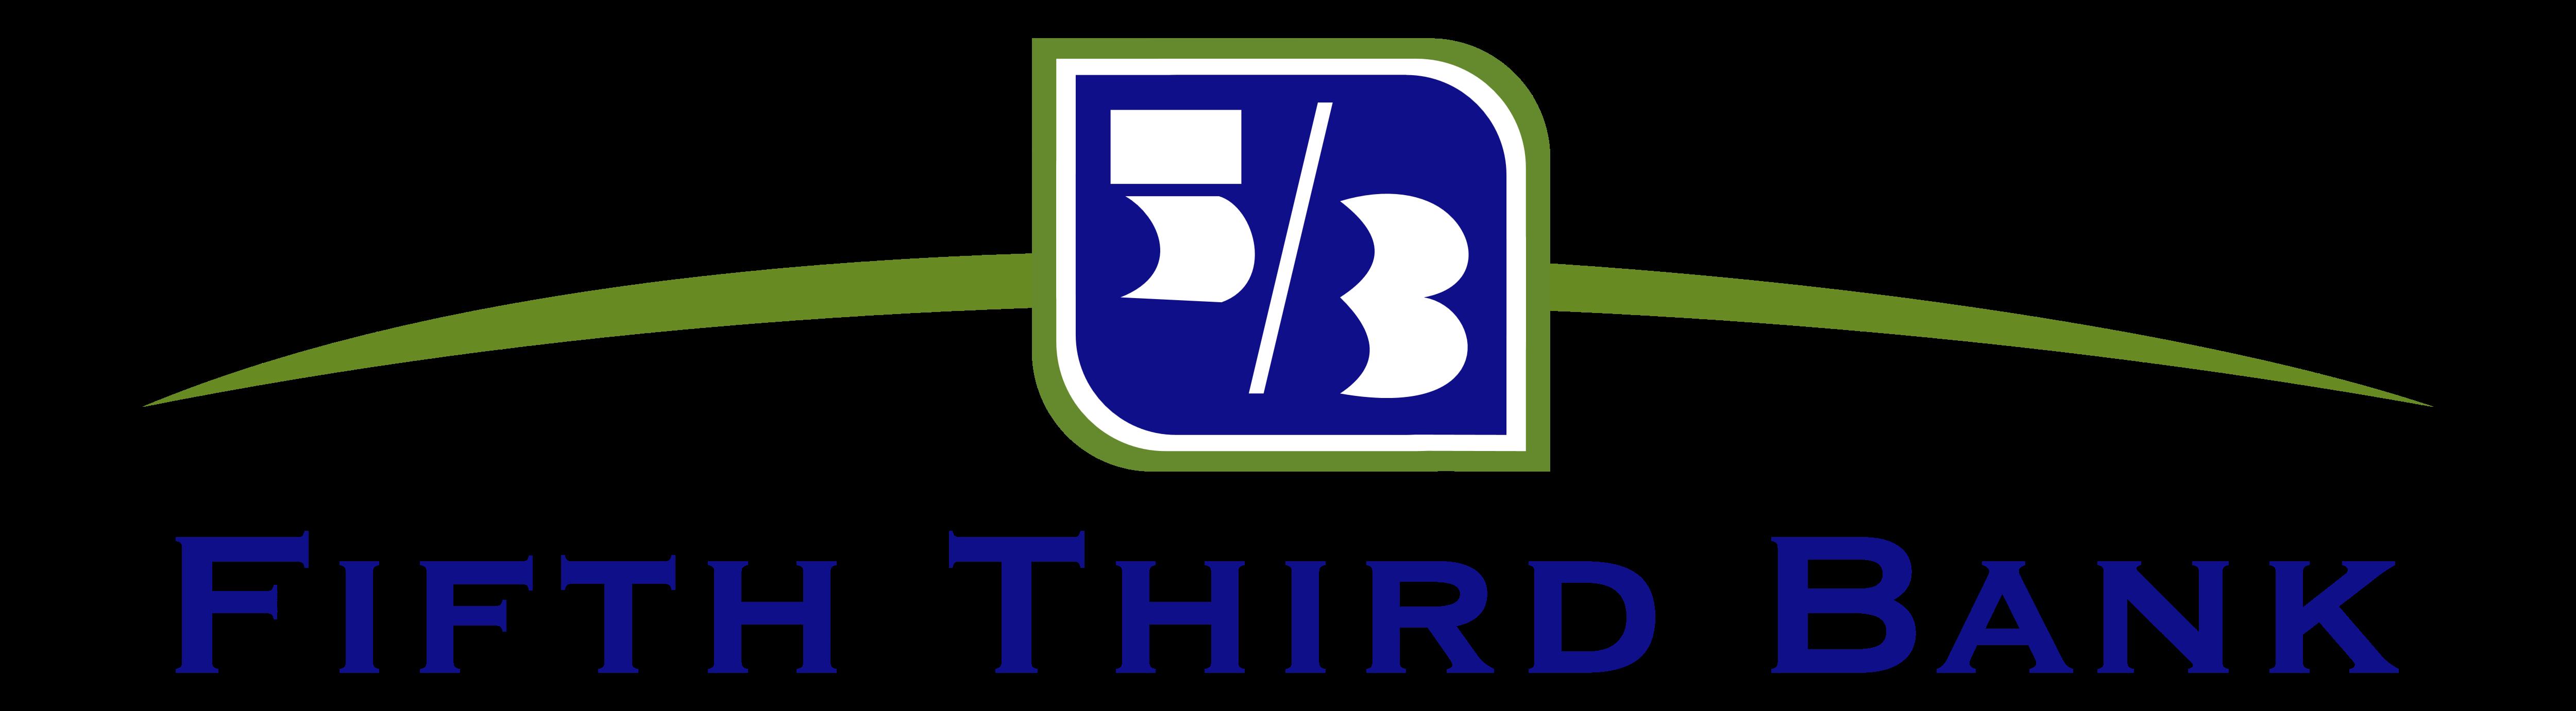 53bank